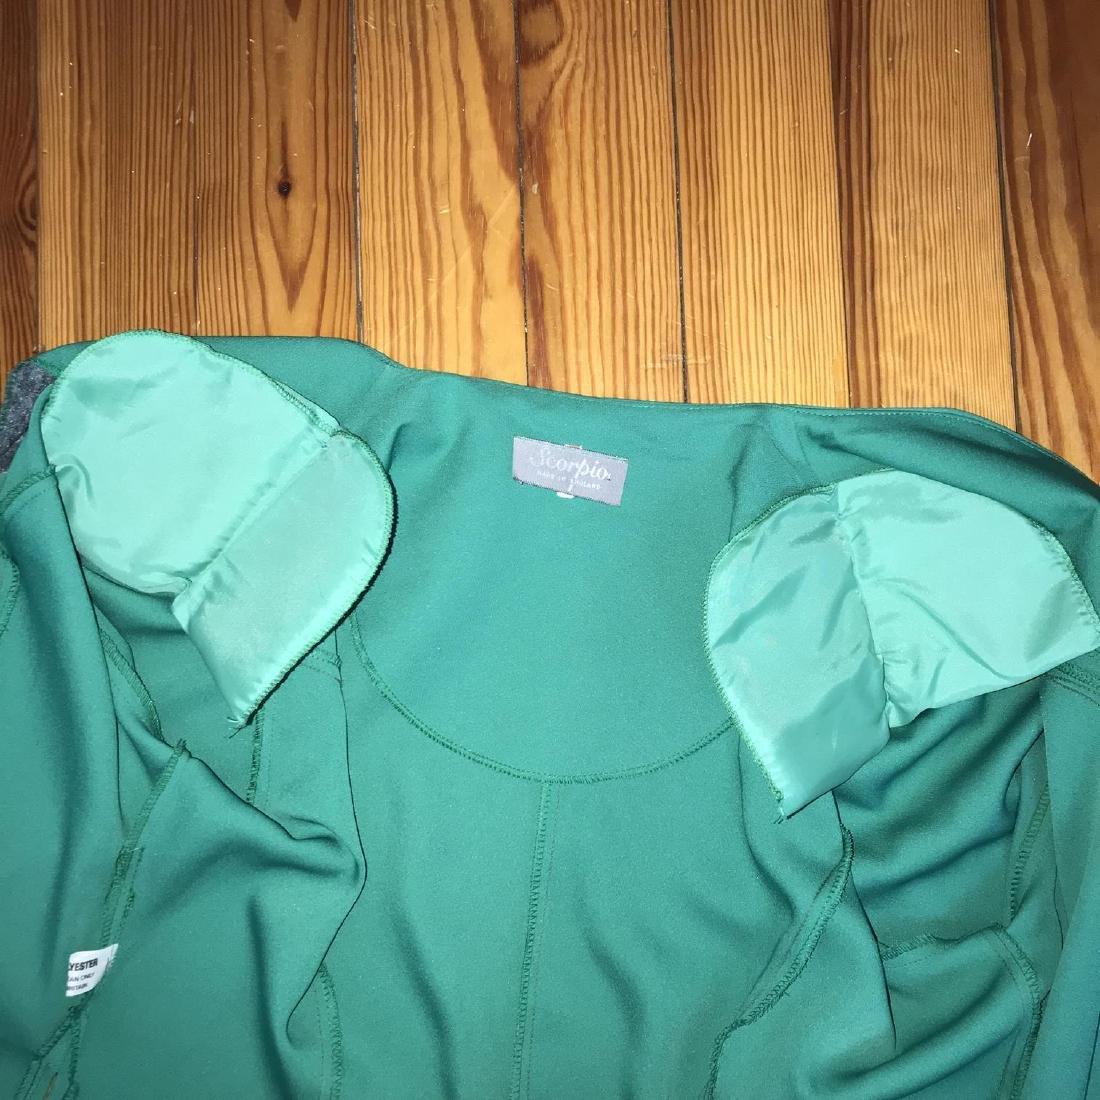 Vintage Women's Blouse Shirt Jacket Size US 12 UK 16 - 6